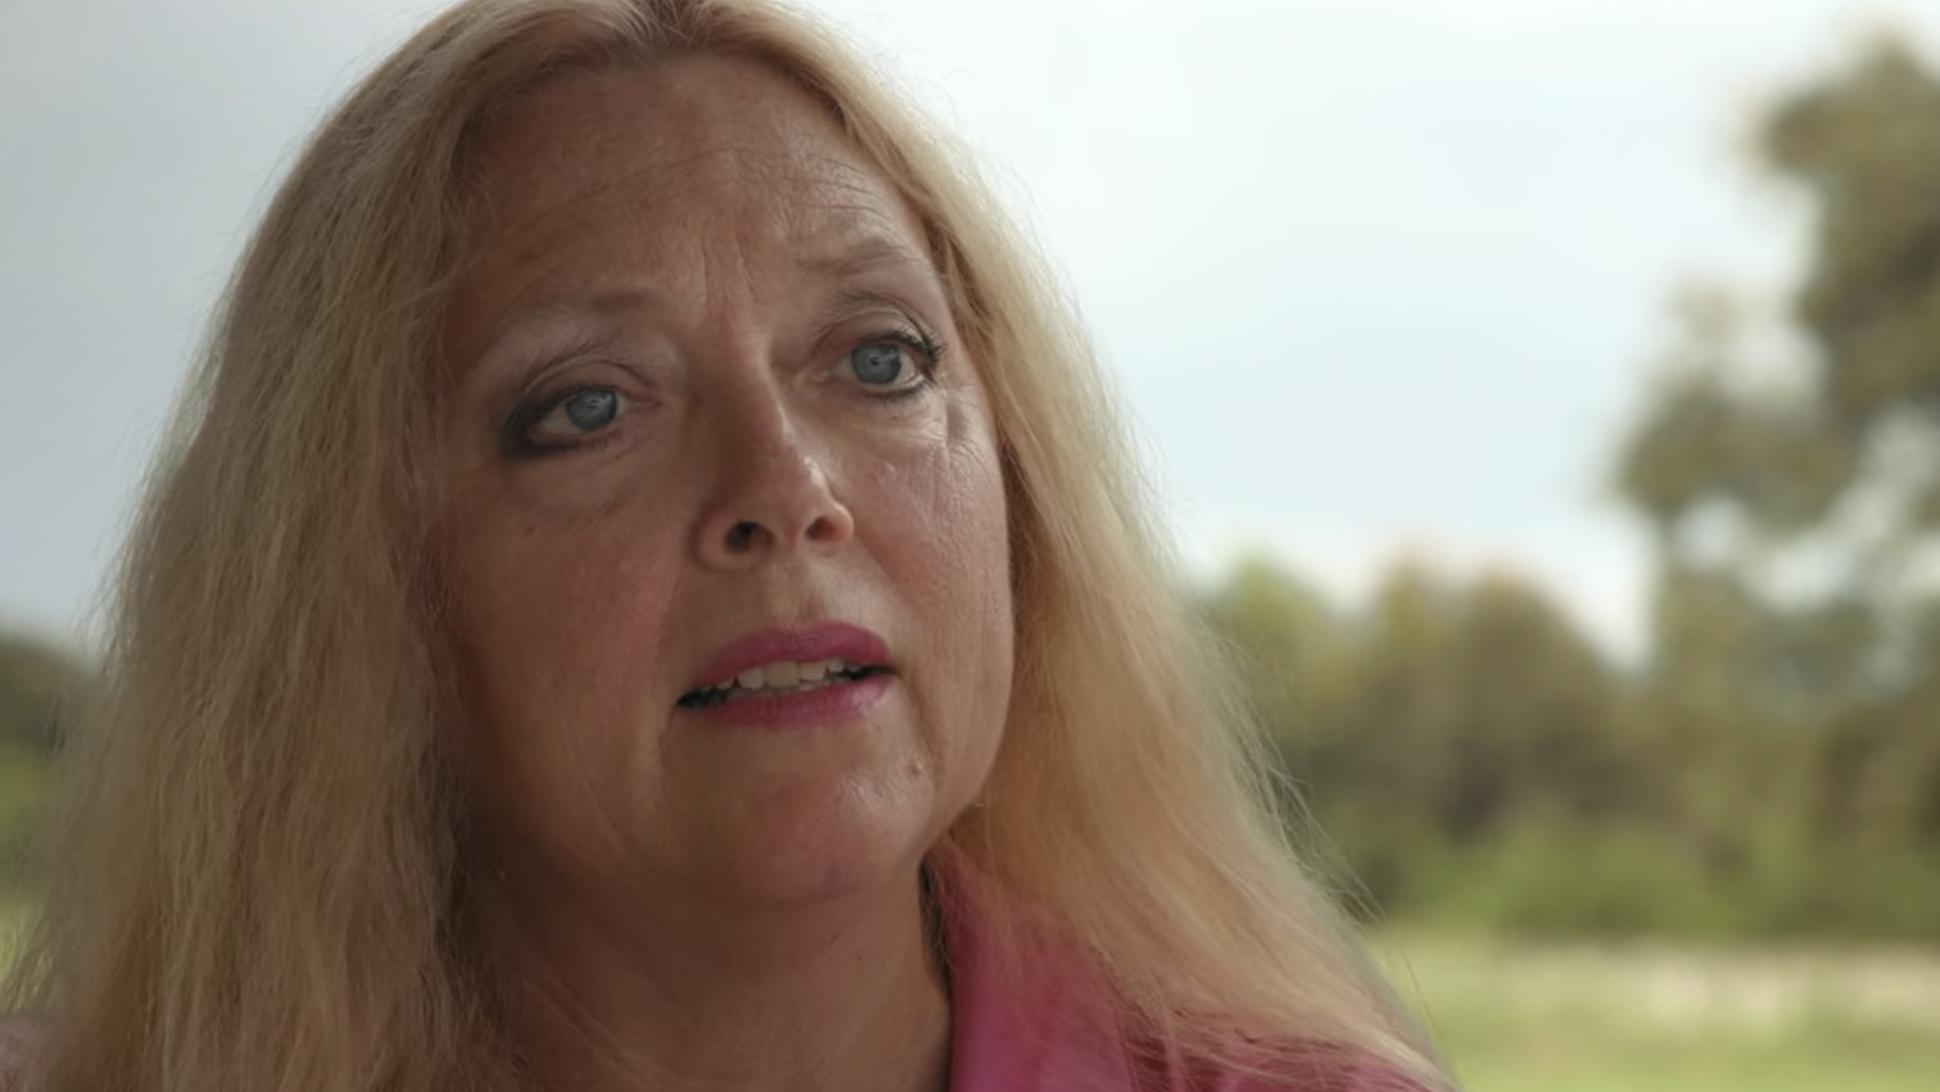 Carole Baskin Net Worth 2020 | How Much is Carole Baskin